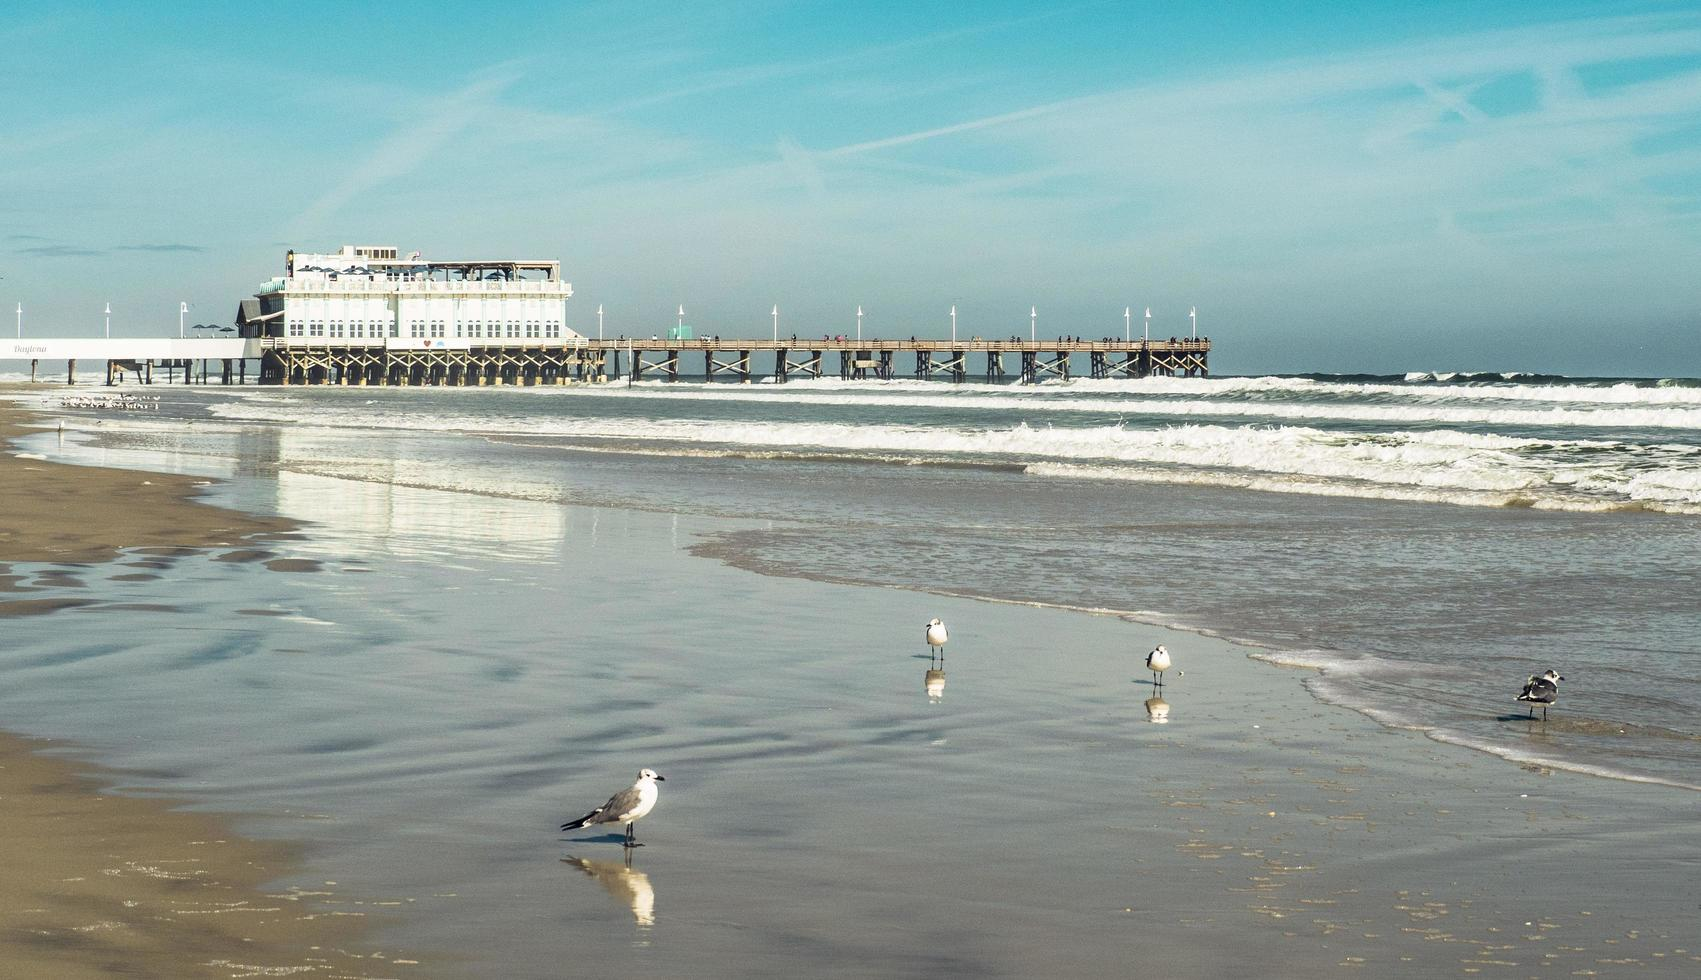 Daytona Beach, Florida, invierno, 2016 - barco atracado en Daytona Beach foto